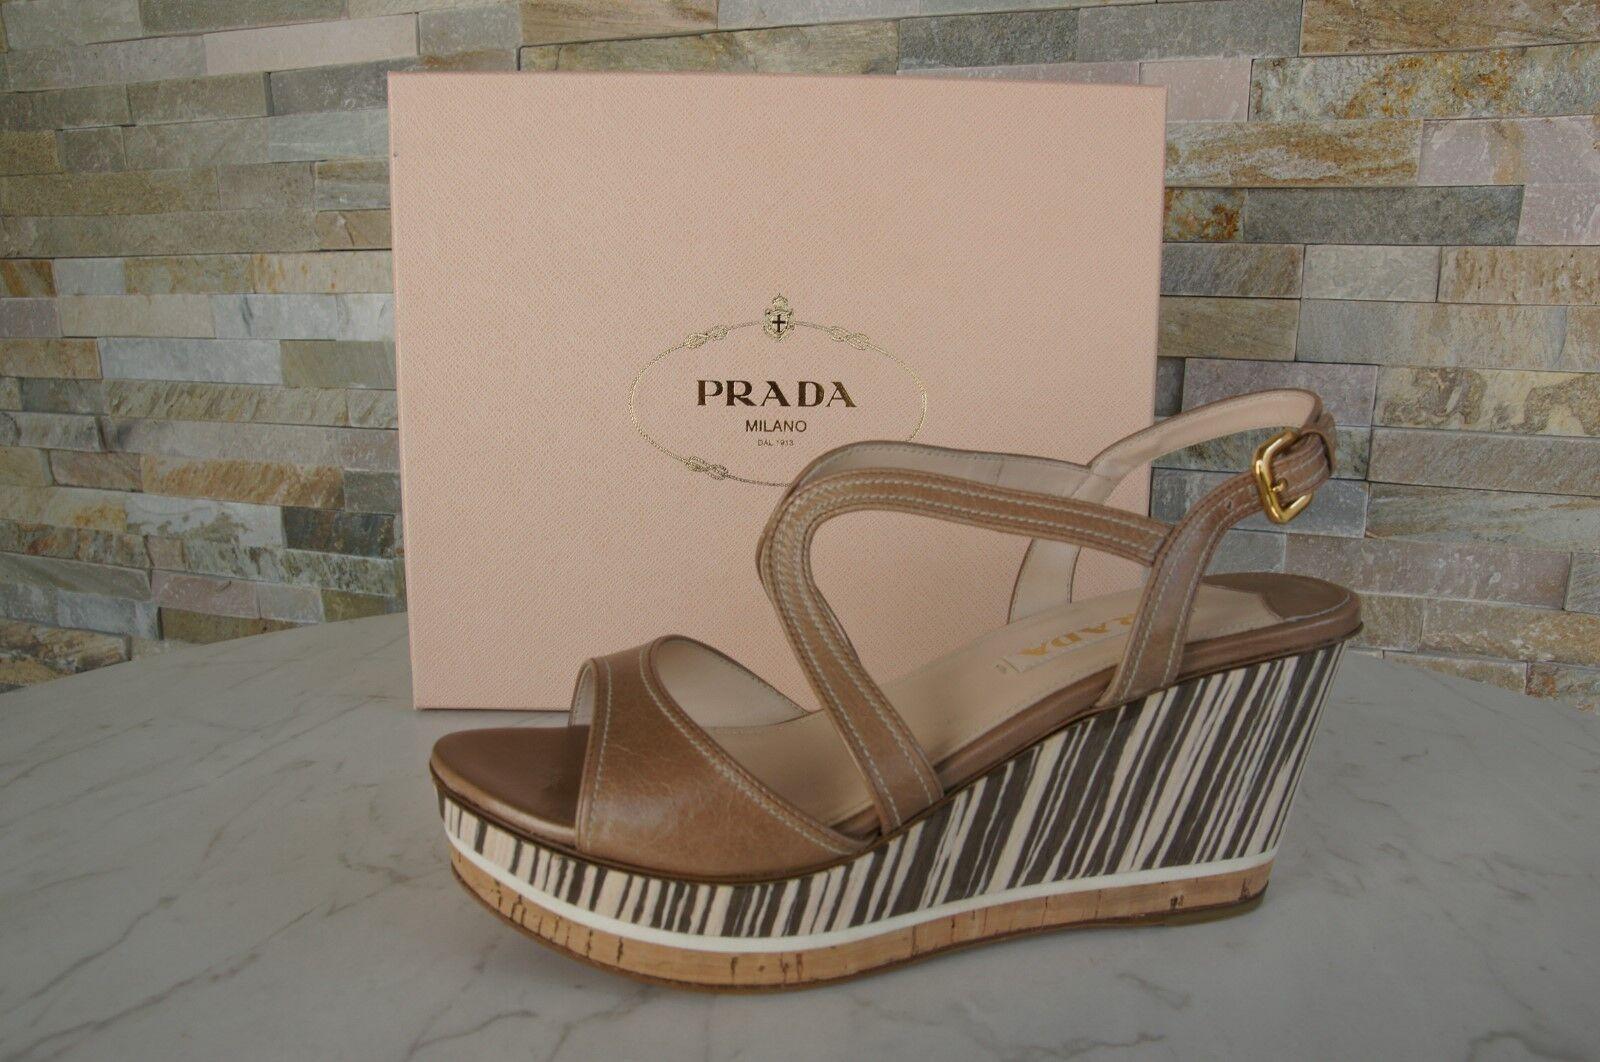 Luxury PRADA Dimensione 40  Piattaforma Sandals scarpe Cammeo Beige NUOVO  marche online vendita a basso costo